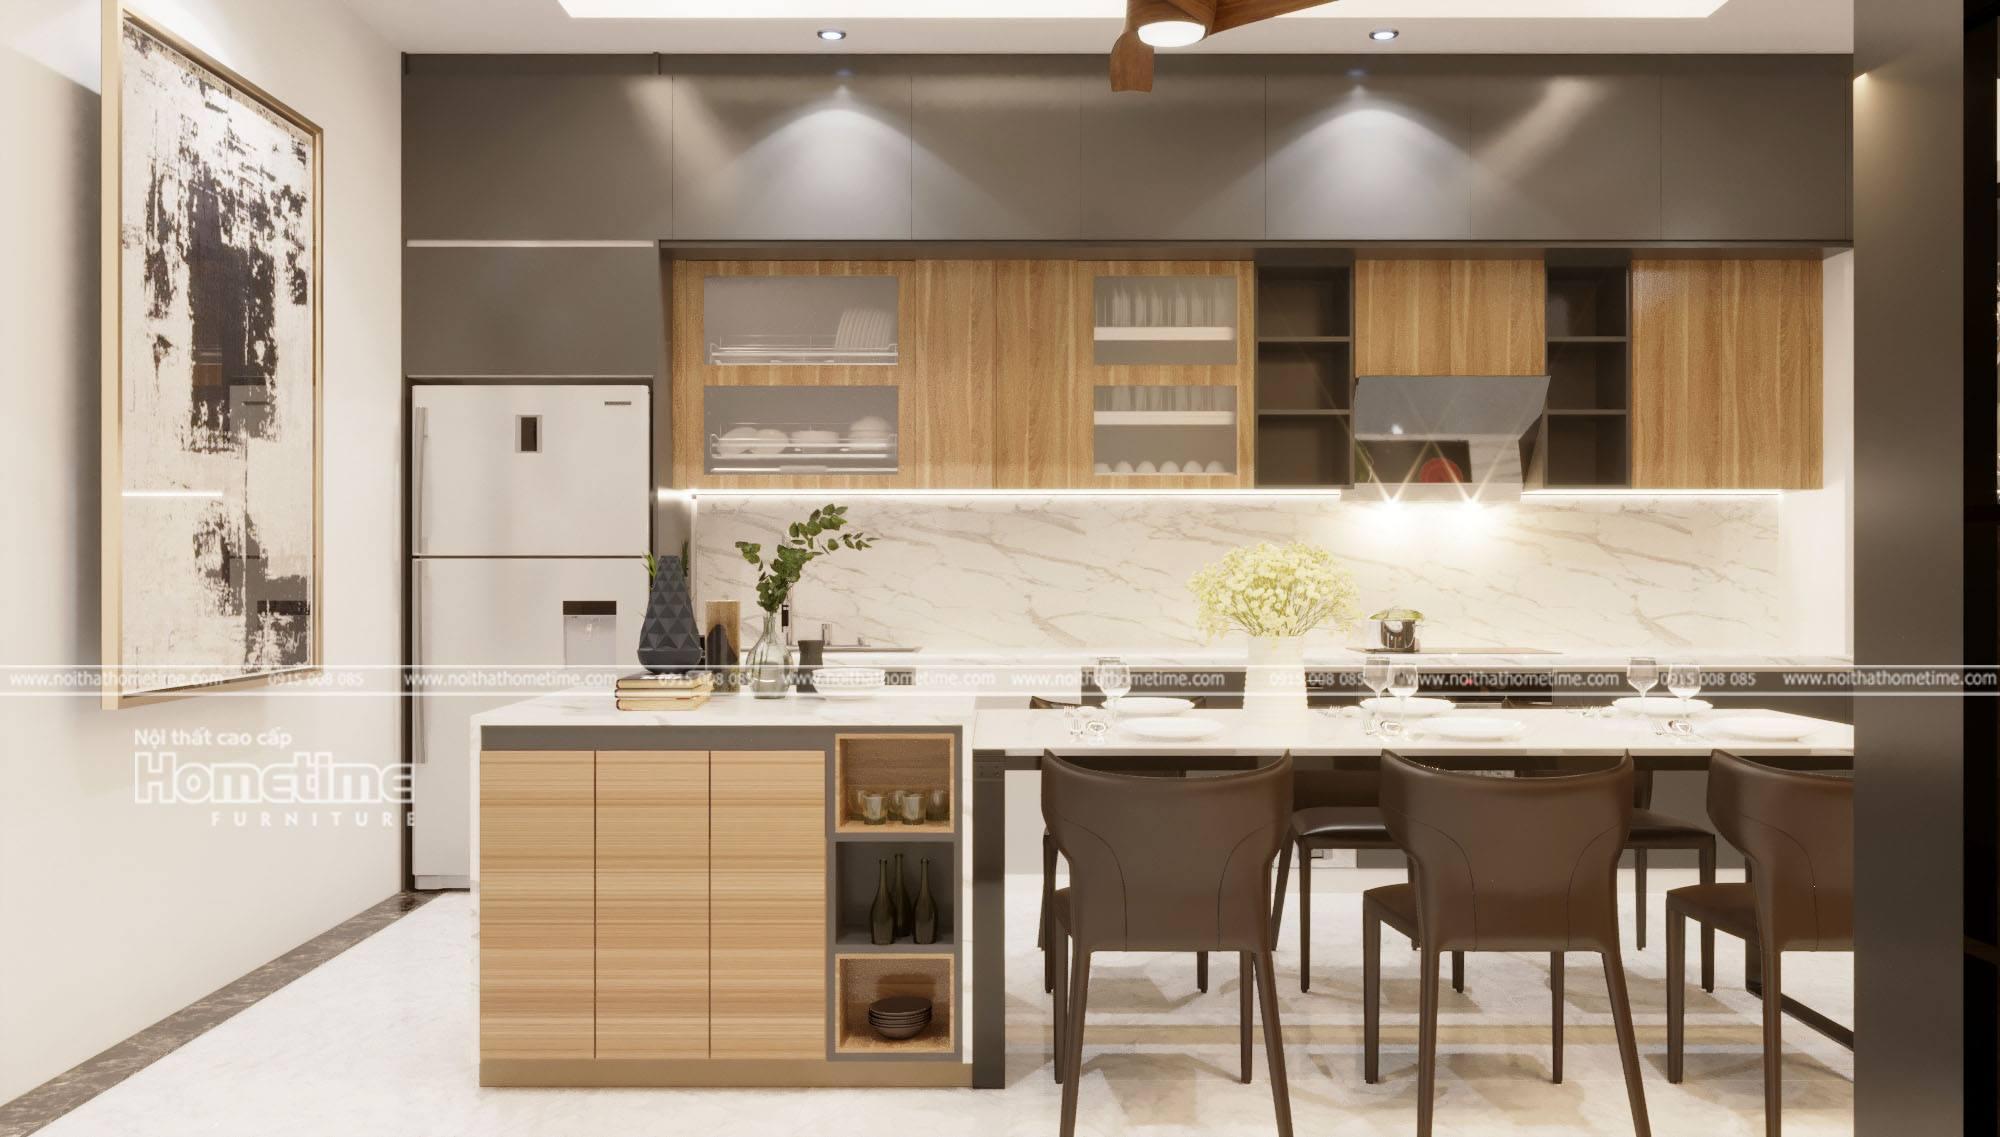 Thiết kế và thi công tủ bếp hiện đại tại Thái Bình